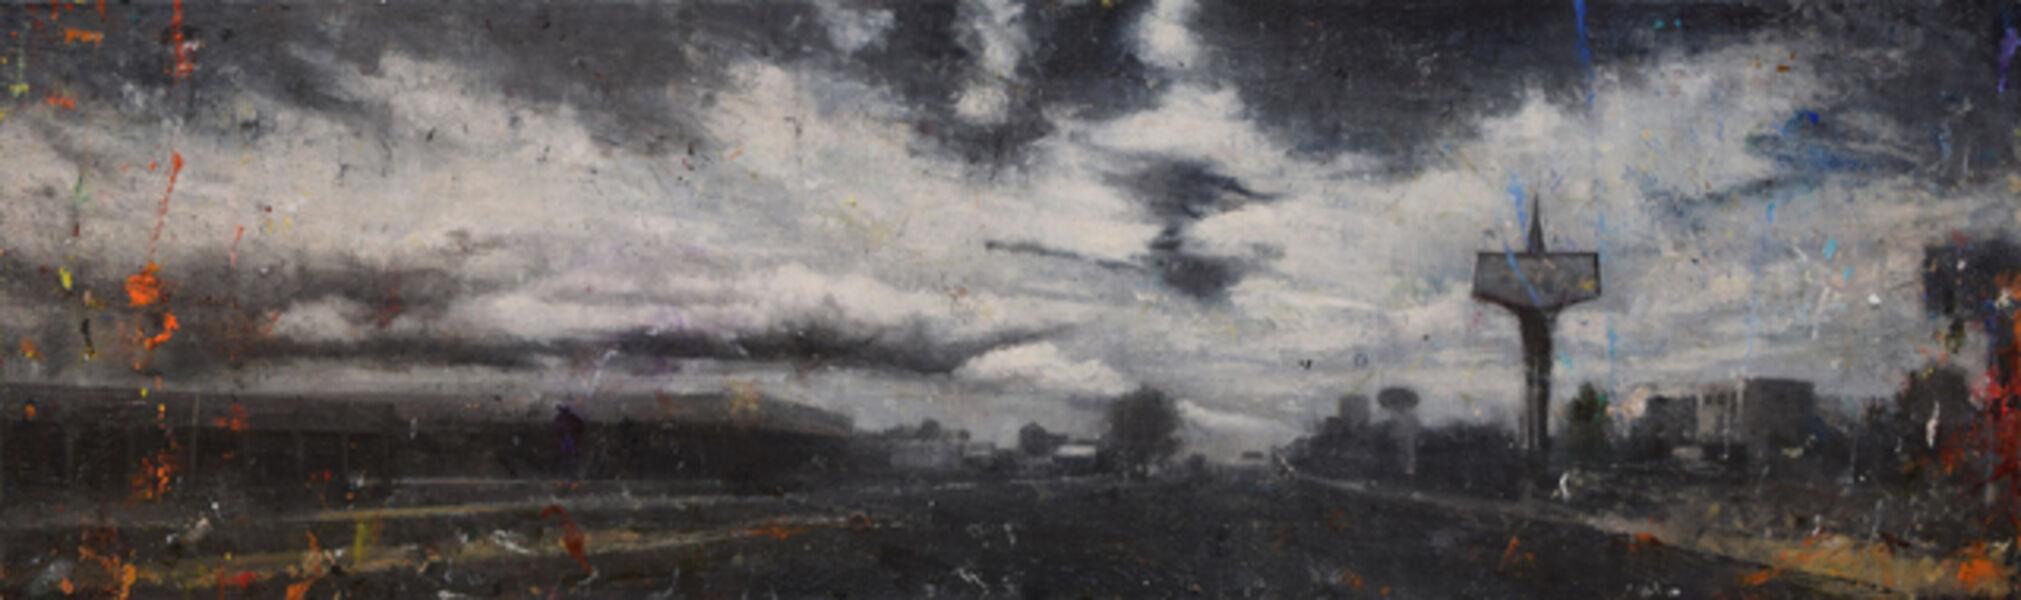 Tom Birkner, 'Angry Sky, Socorro, New Mexico', 2017